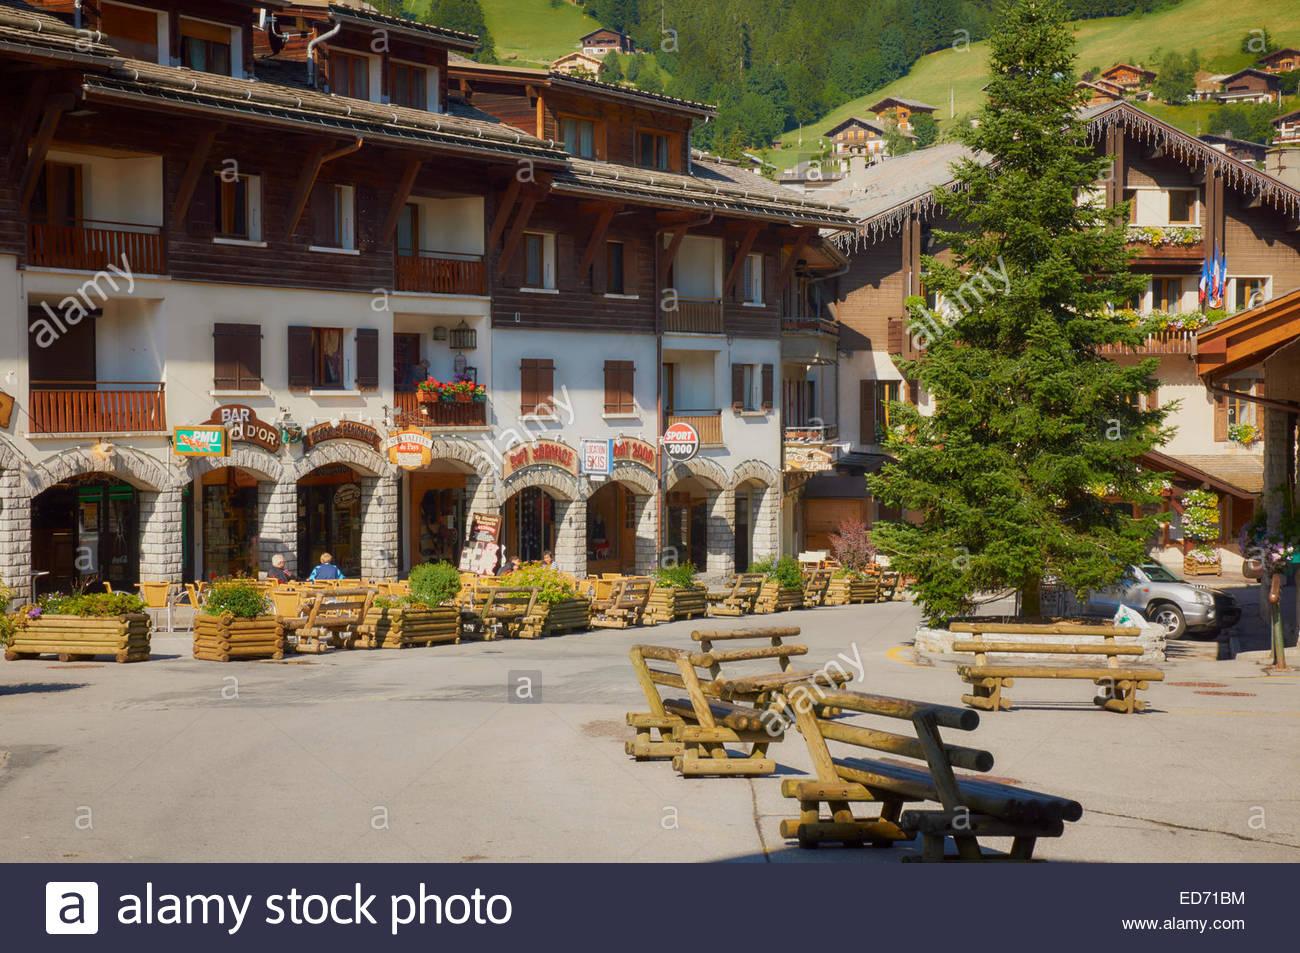 ski hire shops hotels cafe bistro place de l'eglis in french village of la clusaz france - Stock Image